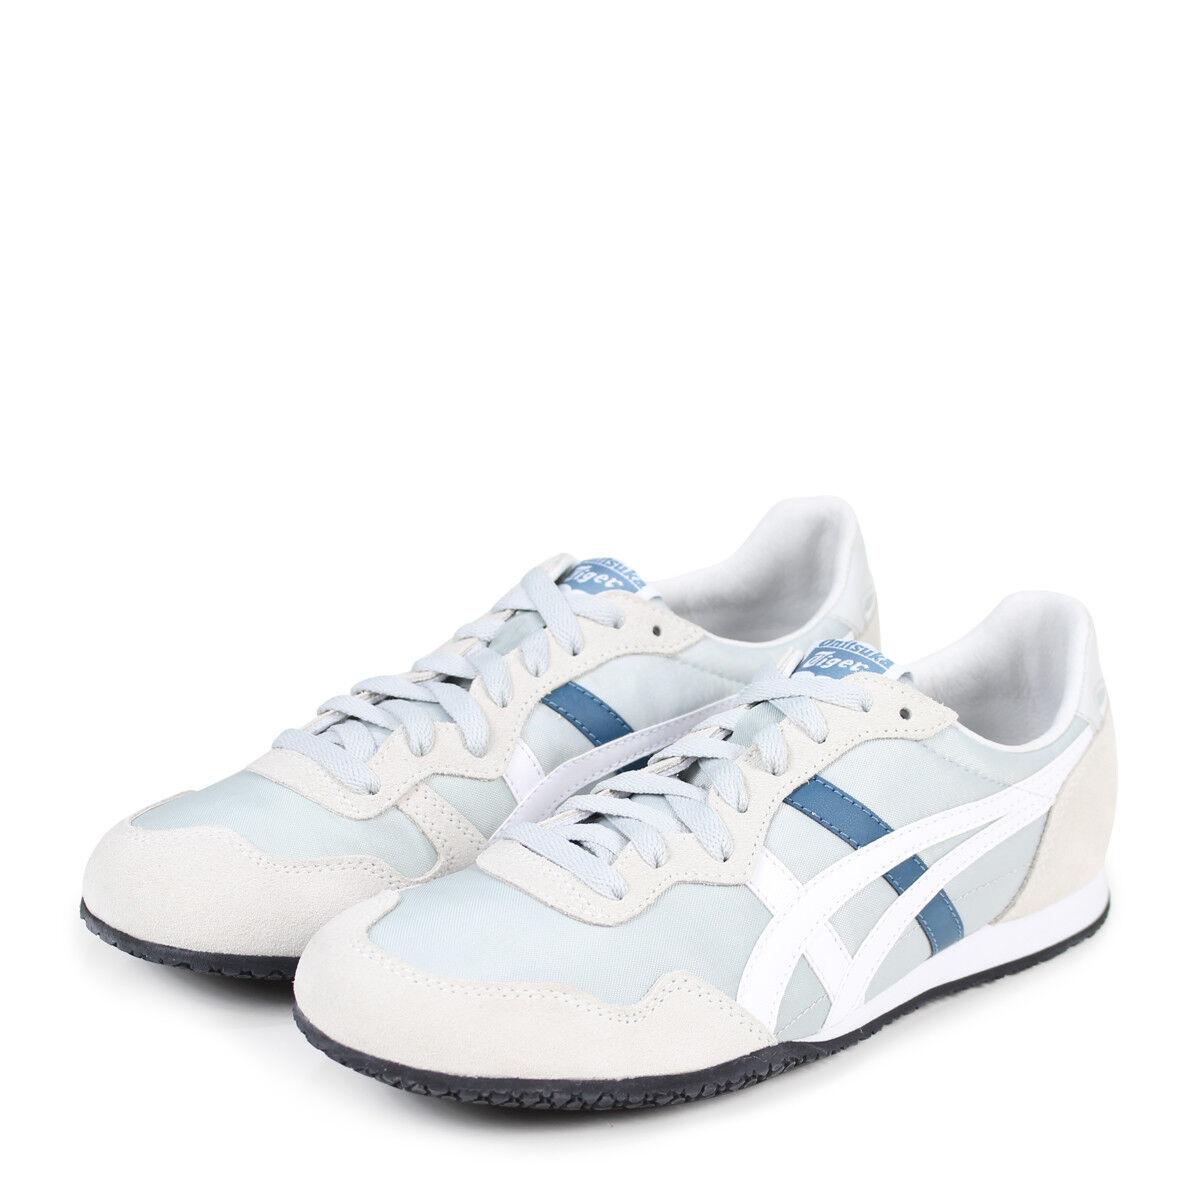 Onitsuka Tiger SERRANO Shoes (D109L-9601) Casual Sneakers Trainers Scarpe classiche da uomo